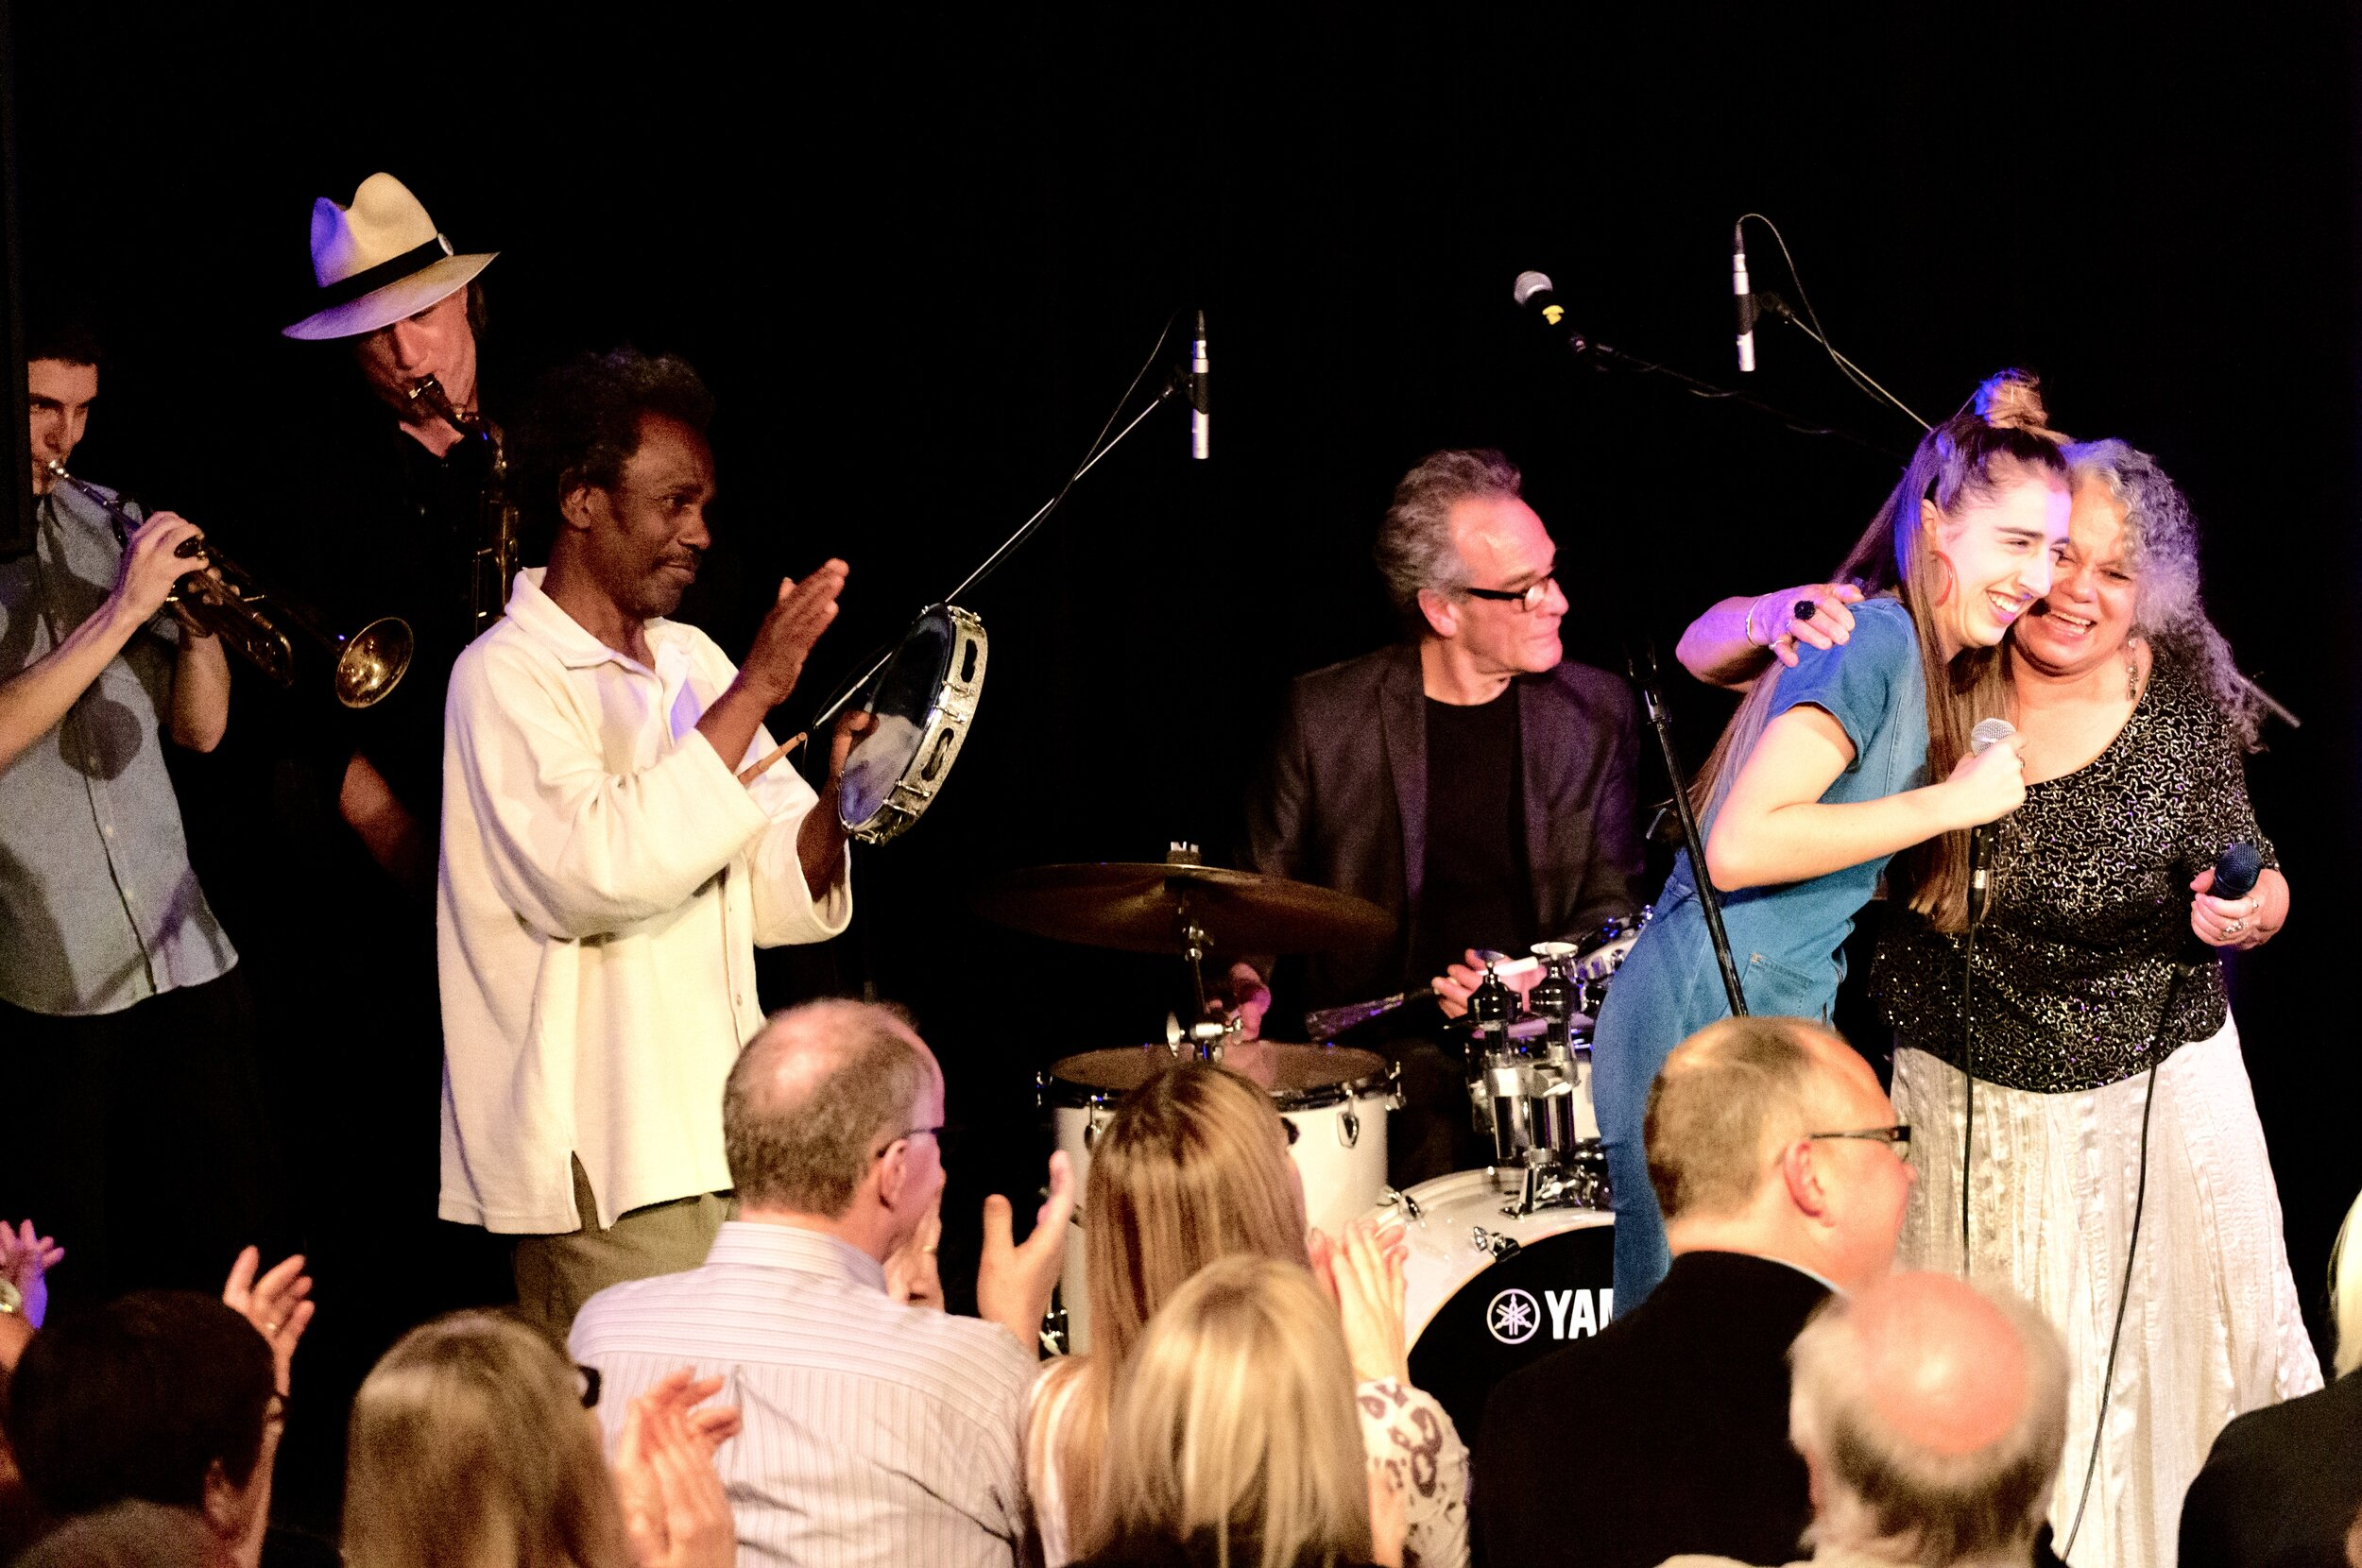 Julian Borkowski, trumpet, Dave Quinn, sax, Celso Machado, percussion, Geoff Eyre, drums, Maya Rae and Dalannah Gail Bowen